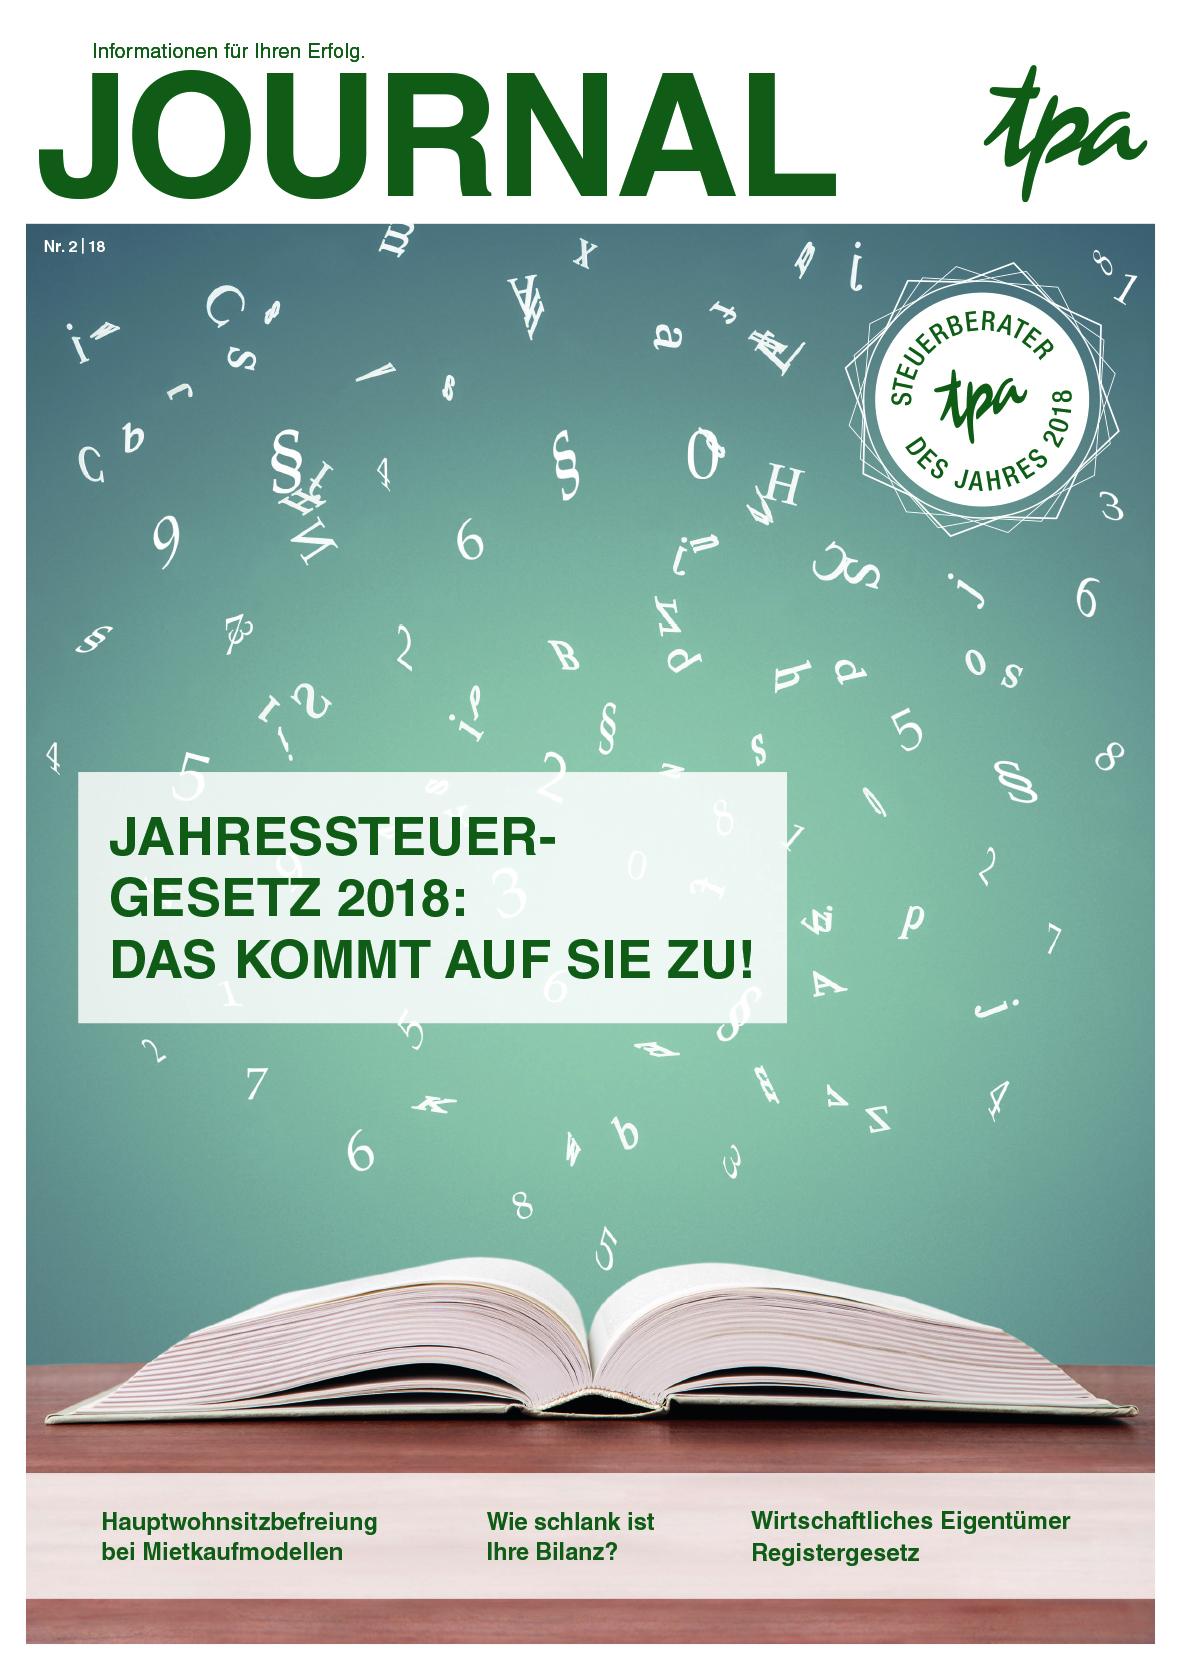 TPA Journal: Jahressteuergesetz, Hauptwohnsitzbefreiung, Bilanzverkürzung, Zinsschranke